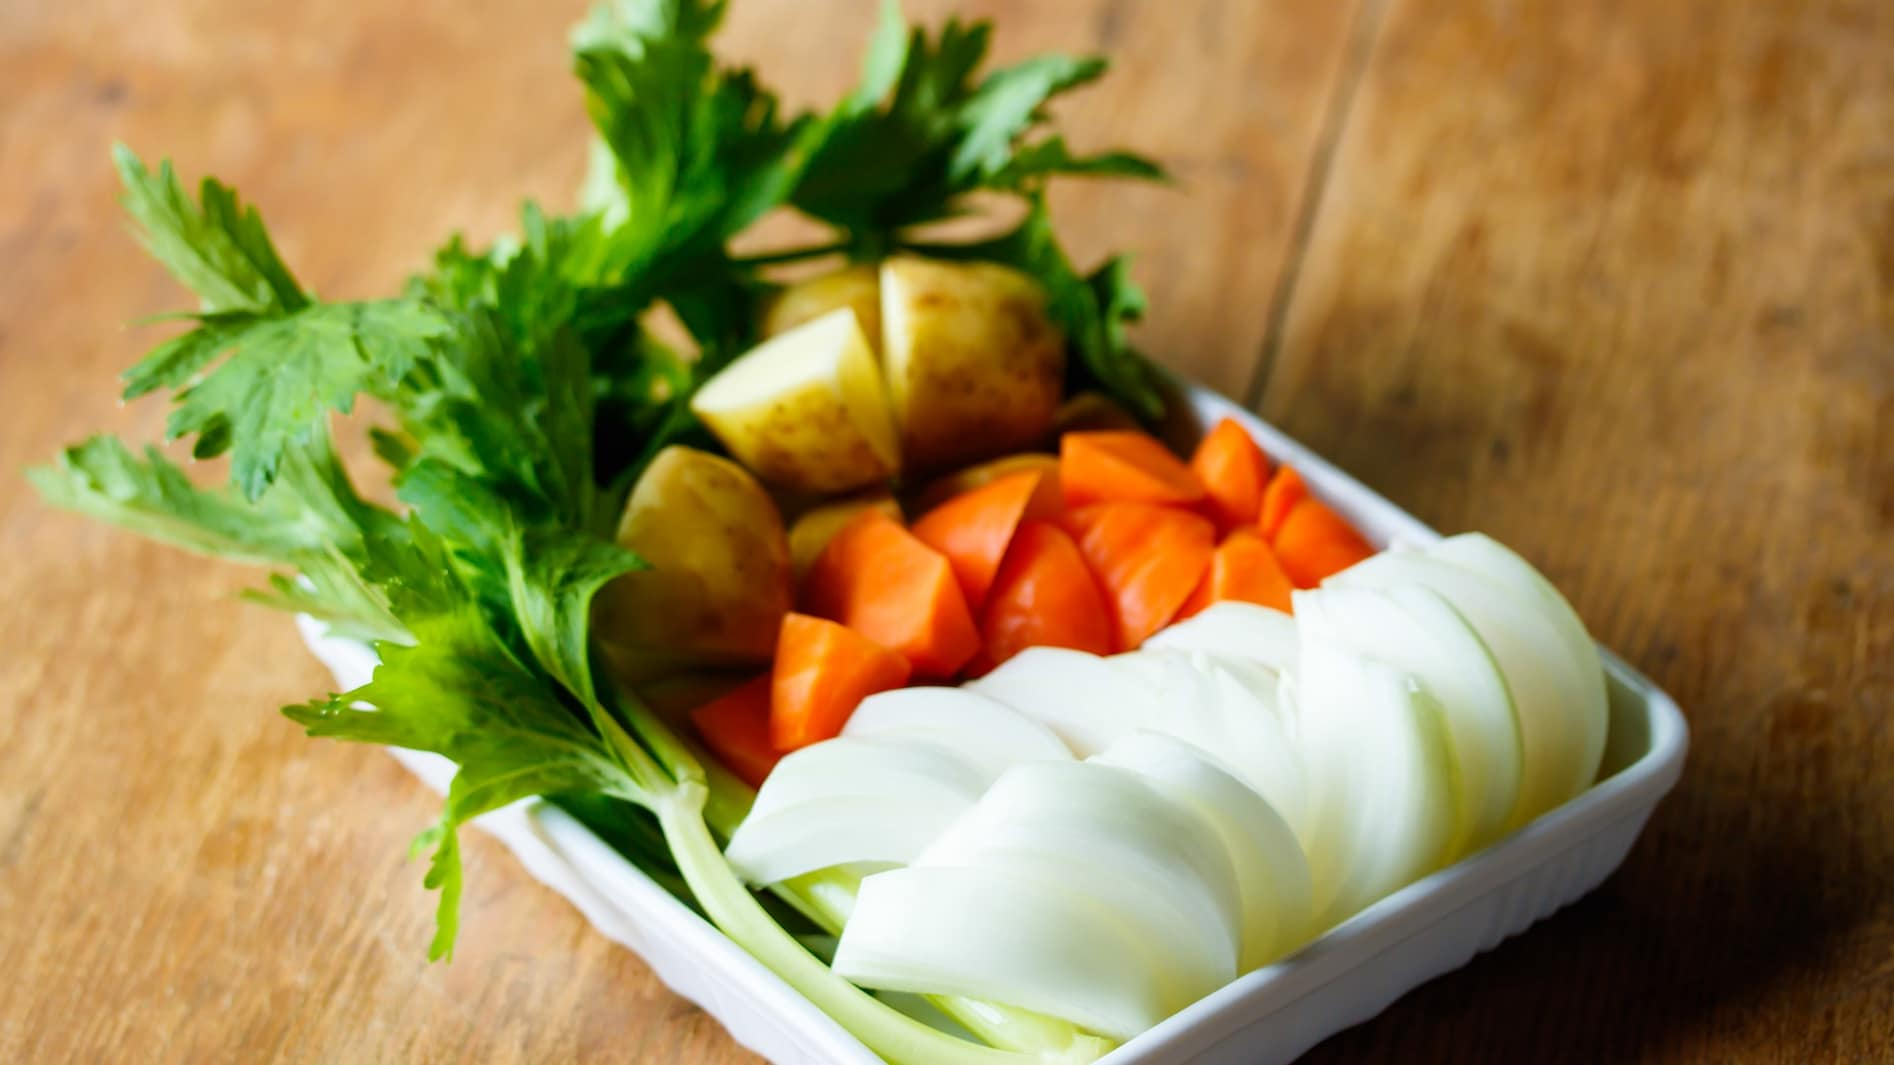 """玉ねぎを飴色に炒めると…ビタミンがほぼゼロに? 実は知らない野菜の""""得する食べ方"""""""